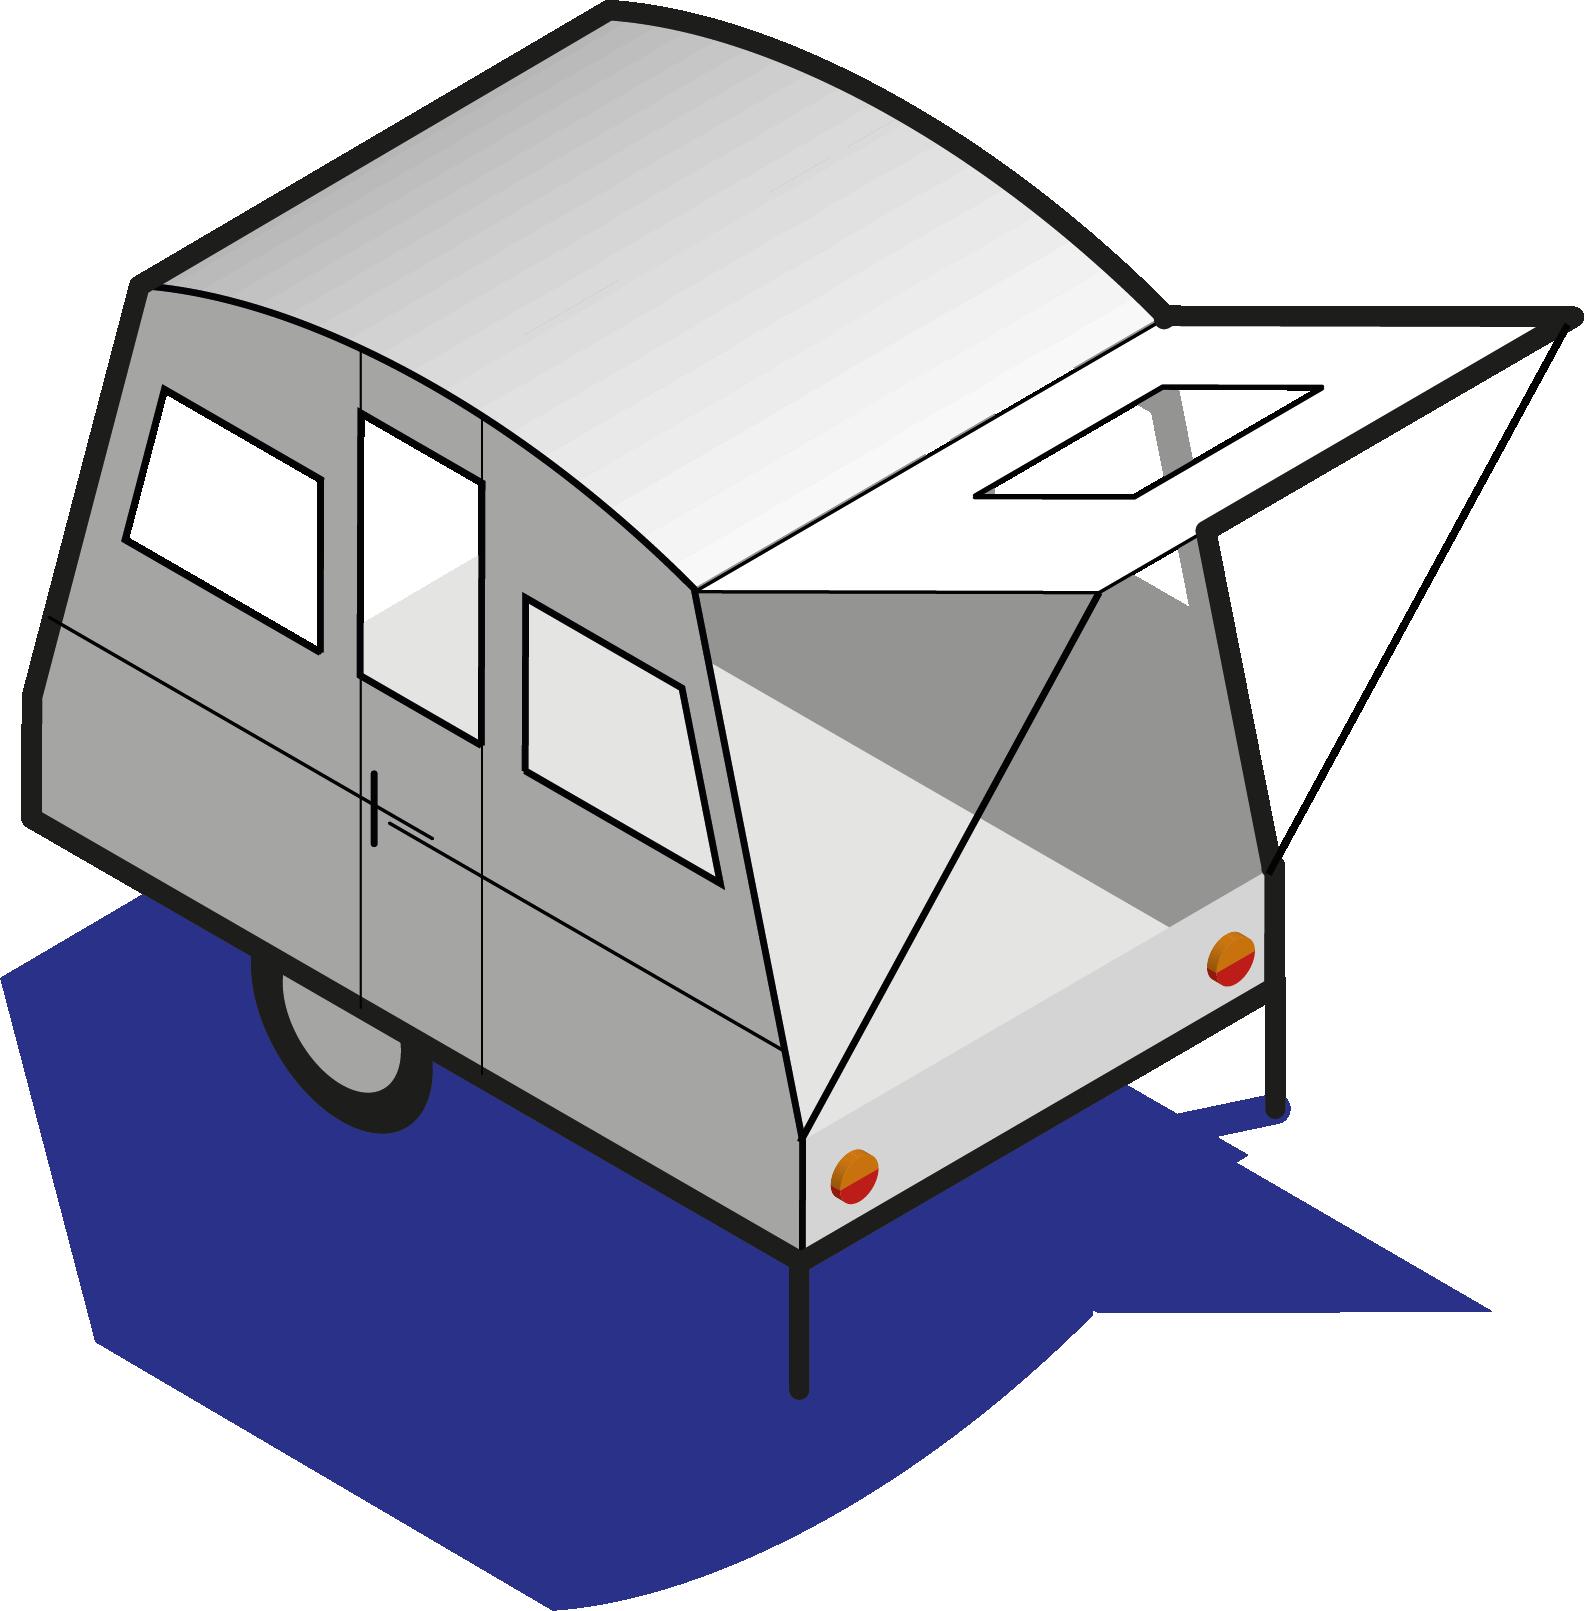 Dessin caravane